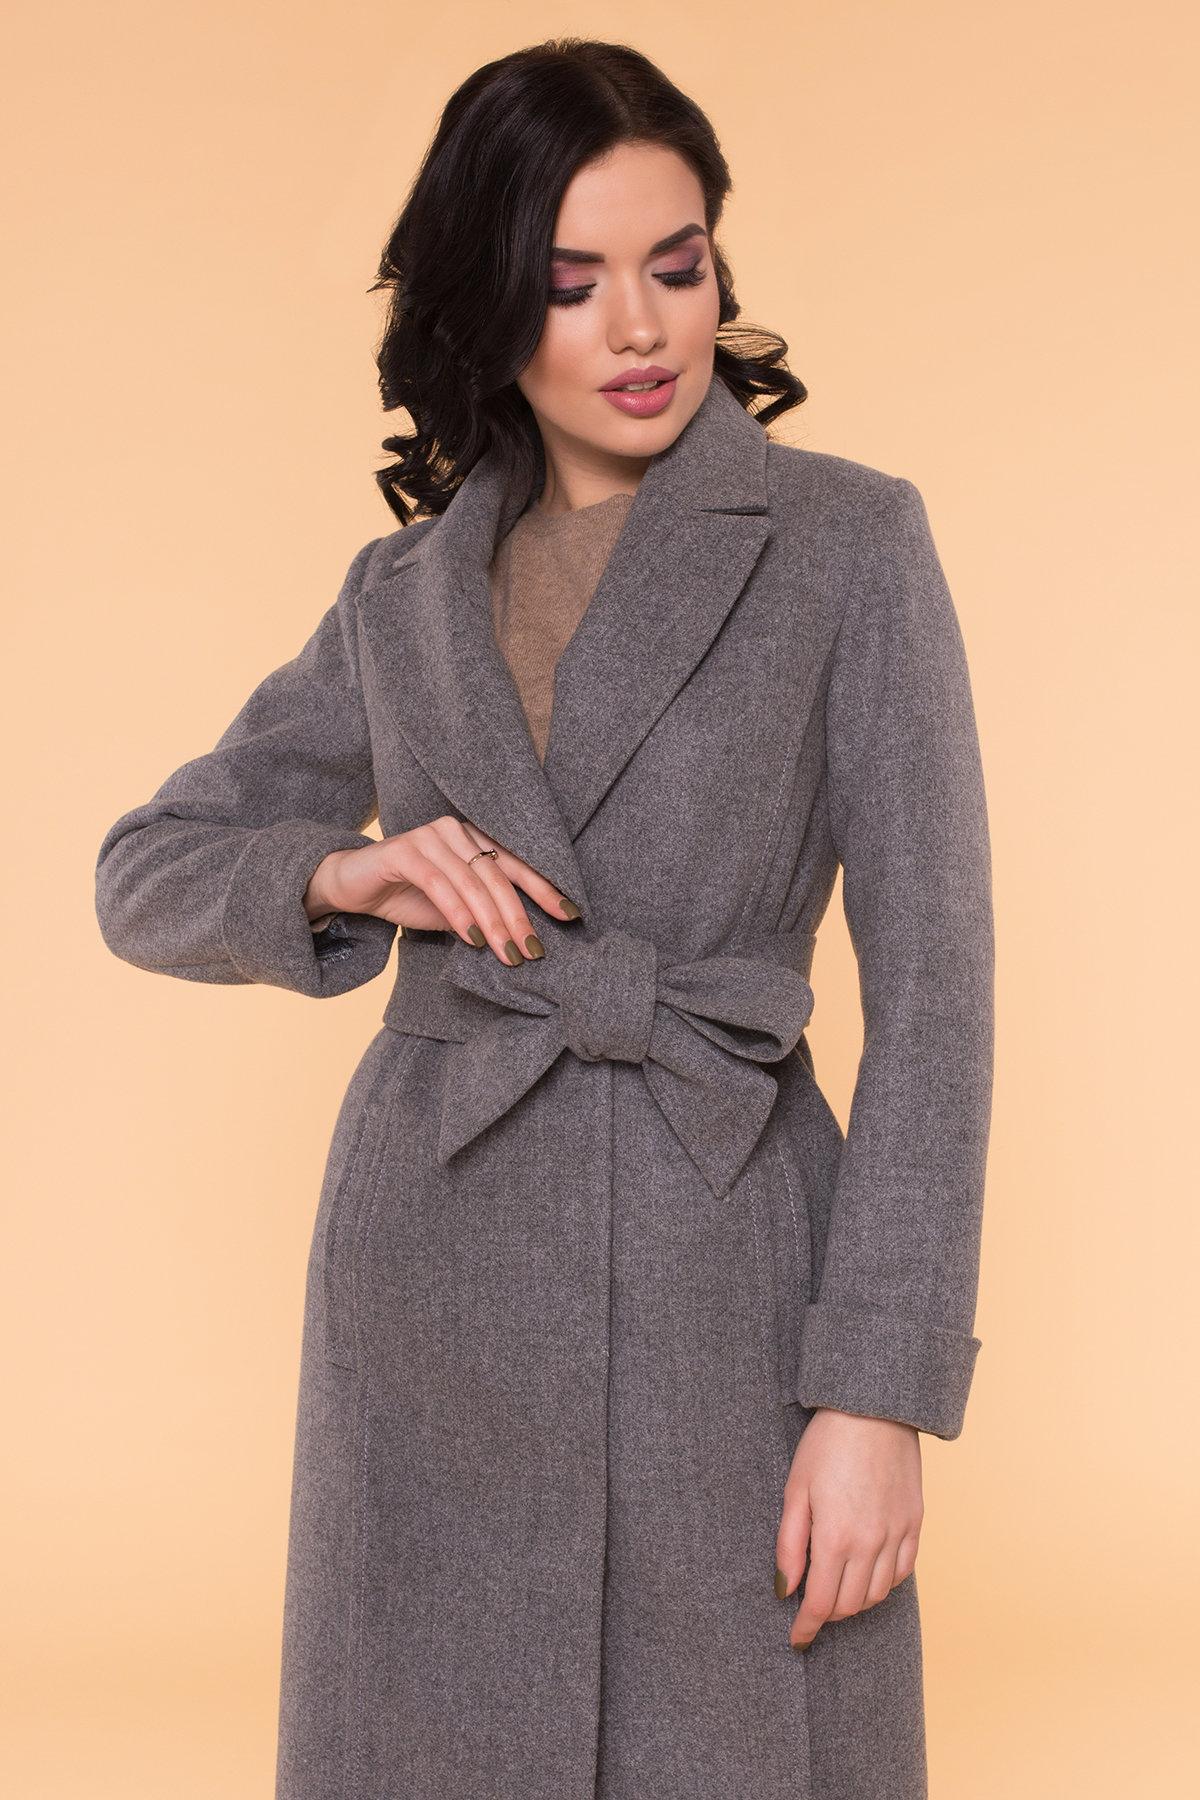 Пальто Лесли 6262 АРТ. 41034 Цвет: Серый 18 - фото 9, интернет магазин tm-modus.ru